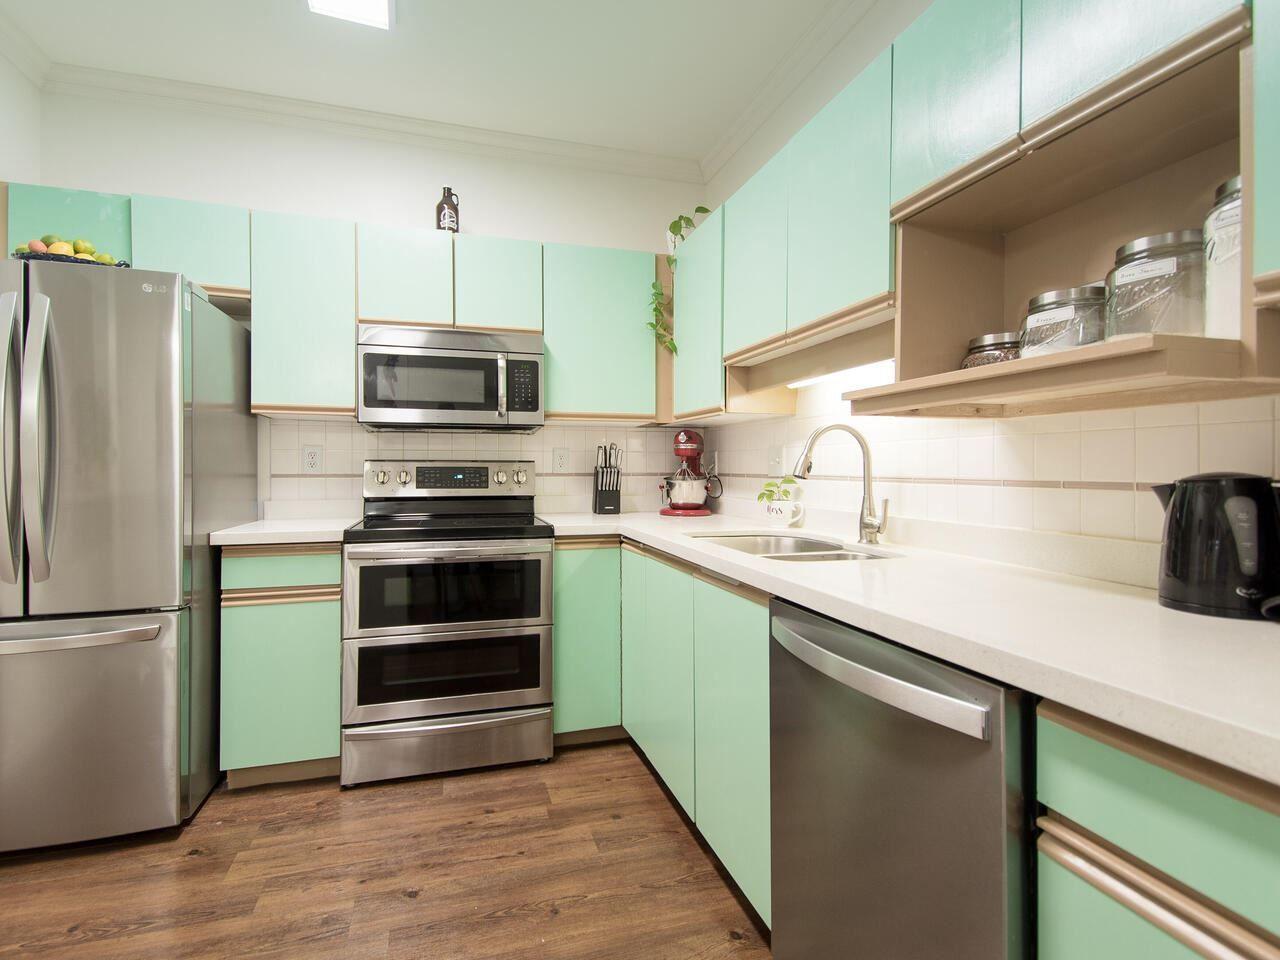 Photo 15: Photos: 108 13918 72 Avenue in Surrey: East Newton Condo for sale : MLS®# R2538723